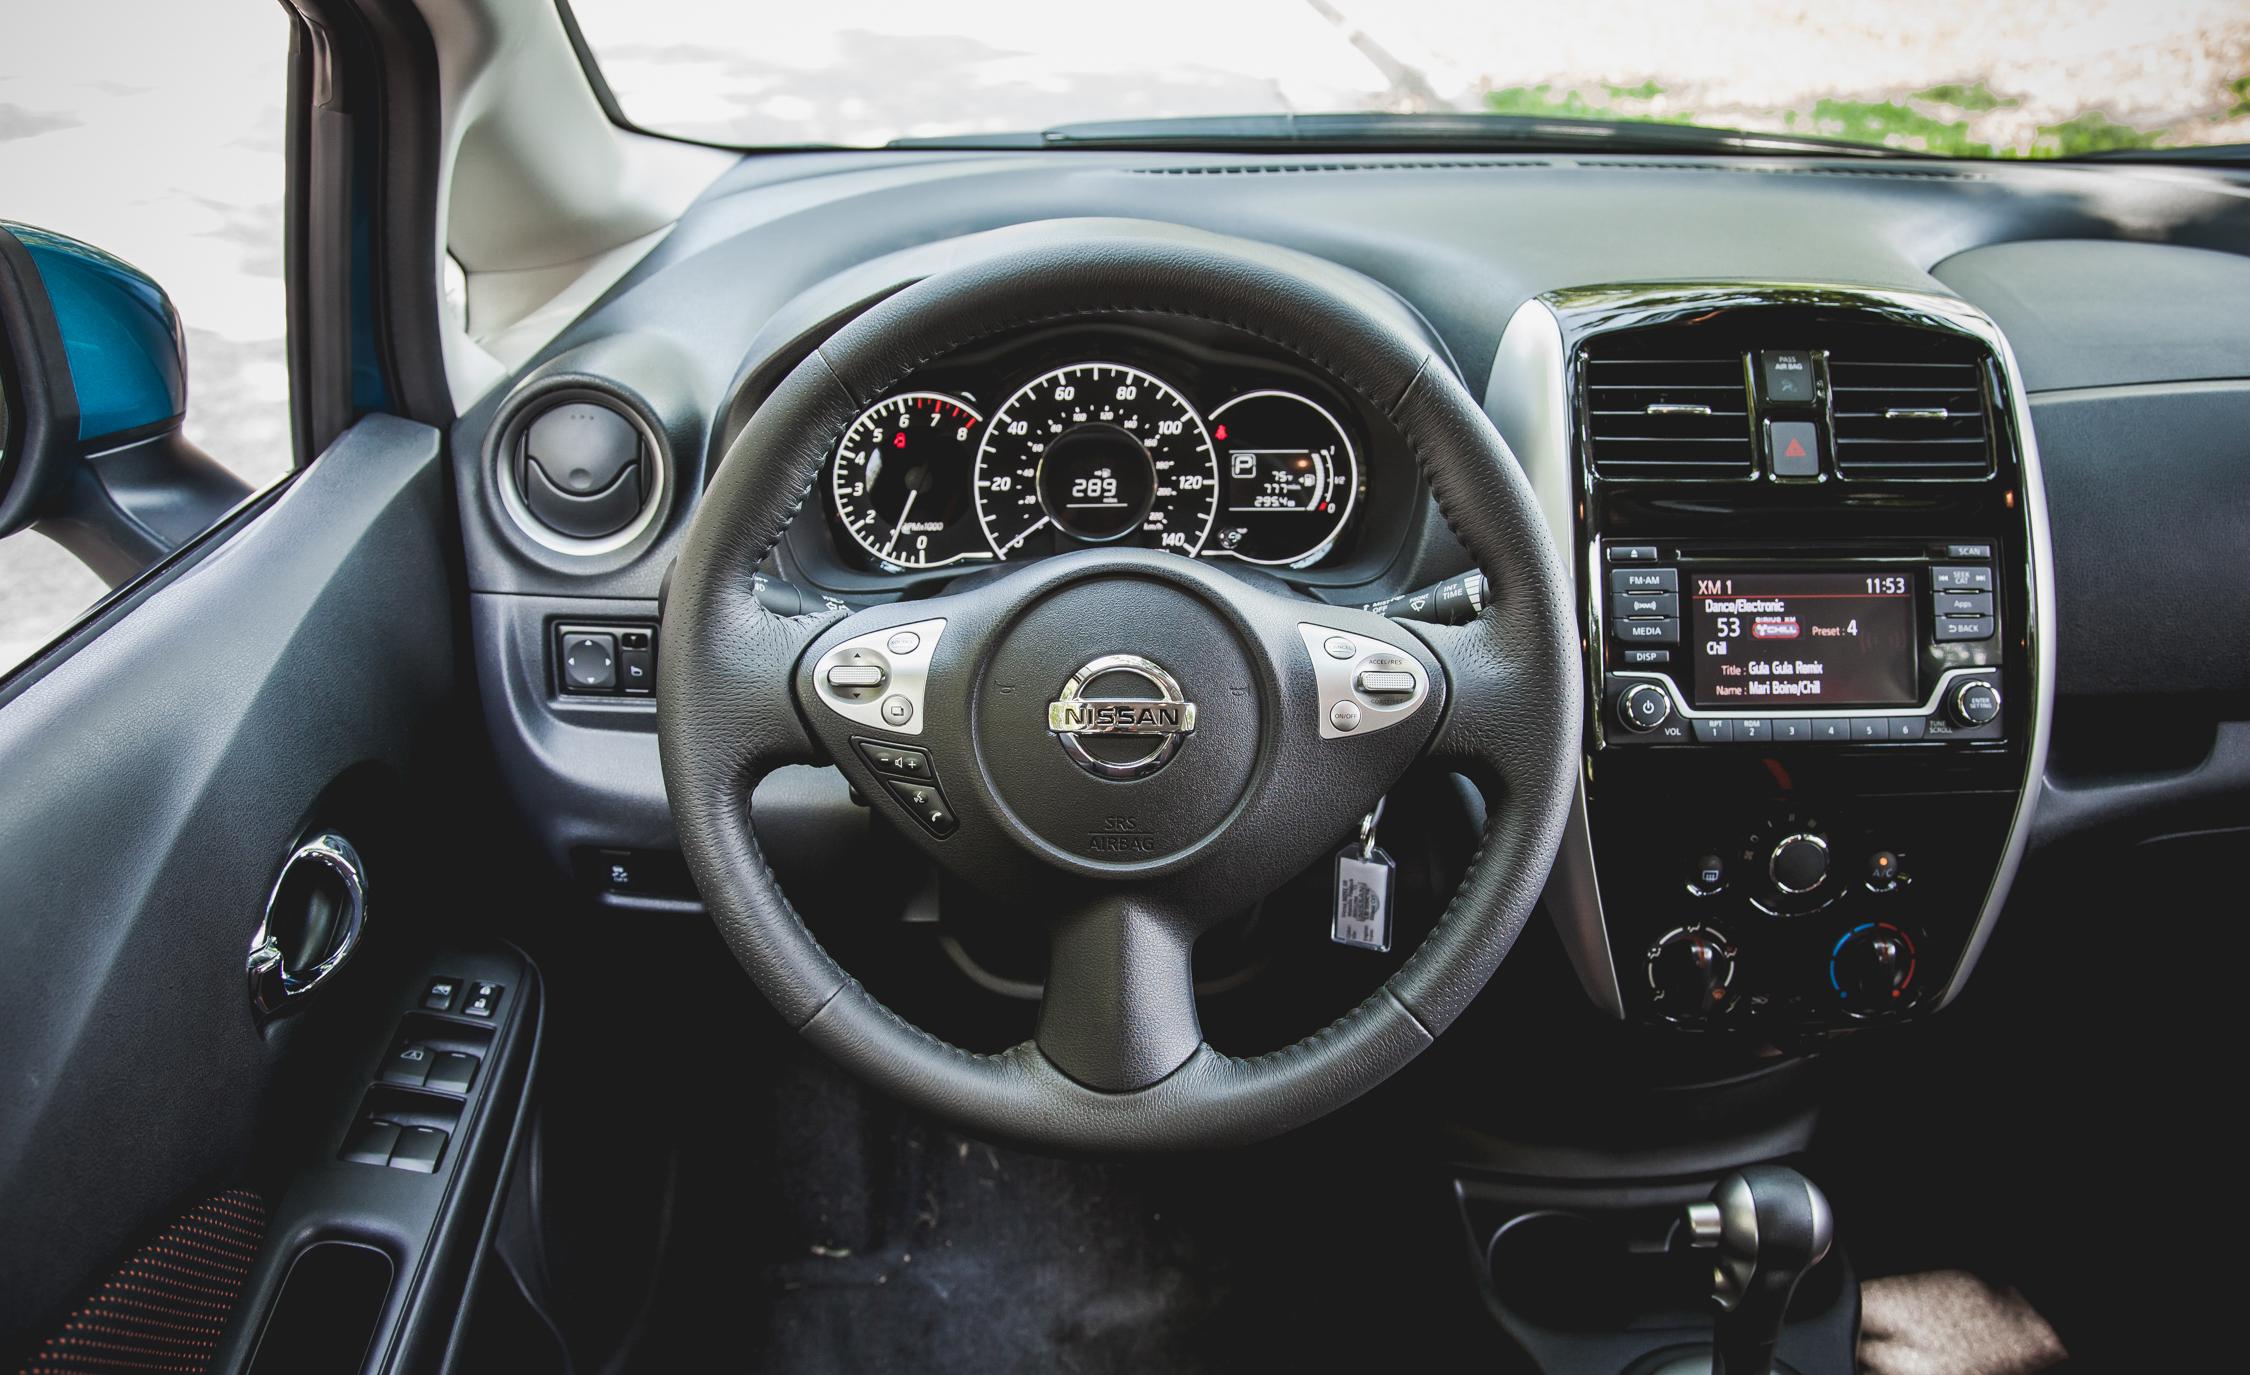 2015 Nissan Versa Note SR Interior (Photo 19 of 19)